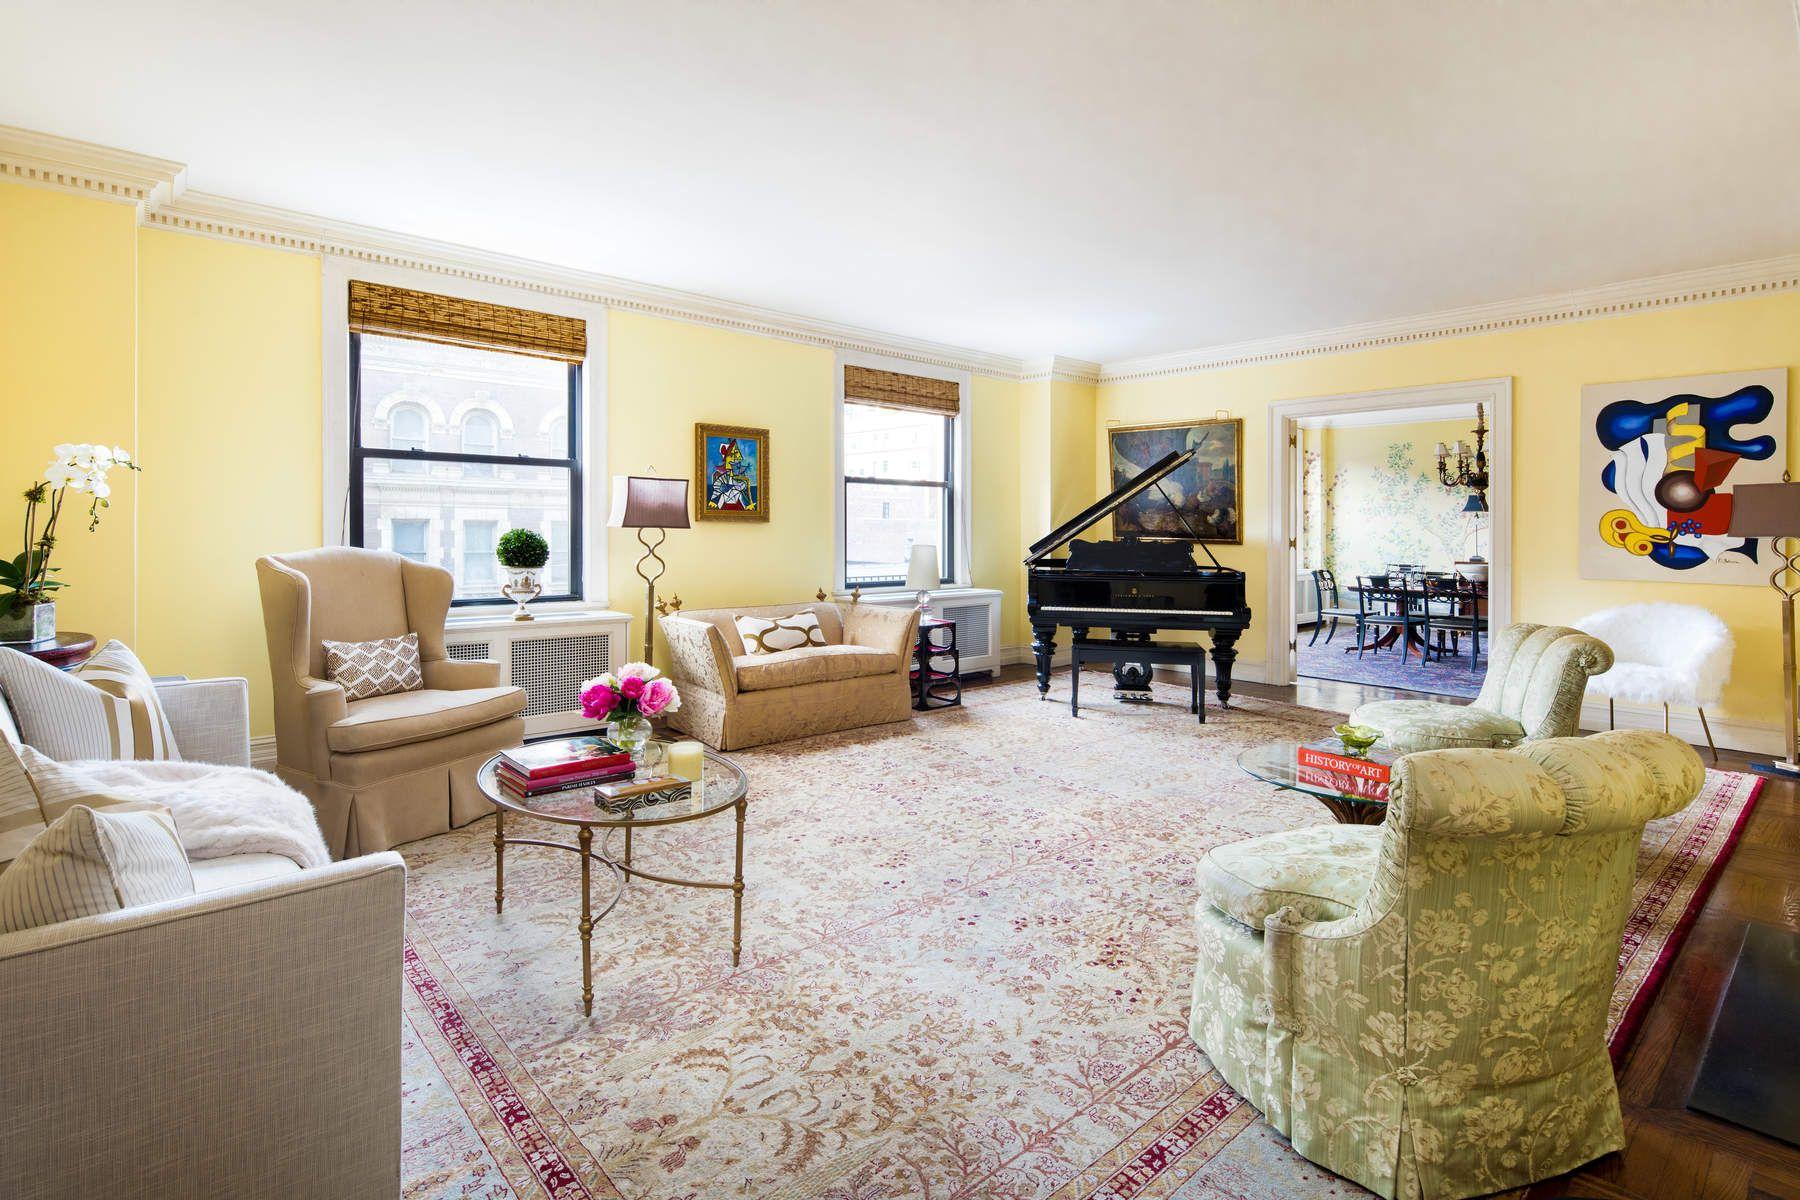 Кооперативная квартира для того Продажа на 149 East 73rd Street Apt 5A Upper East Side, New York, Нью-Йорк, 10021 Соединенные Штаты